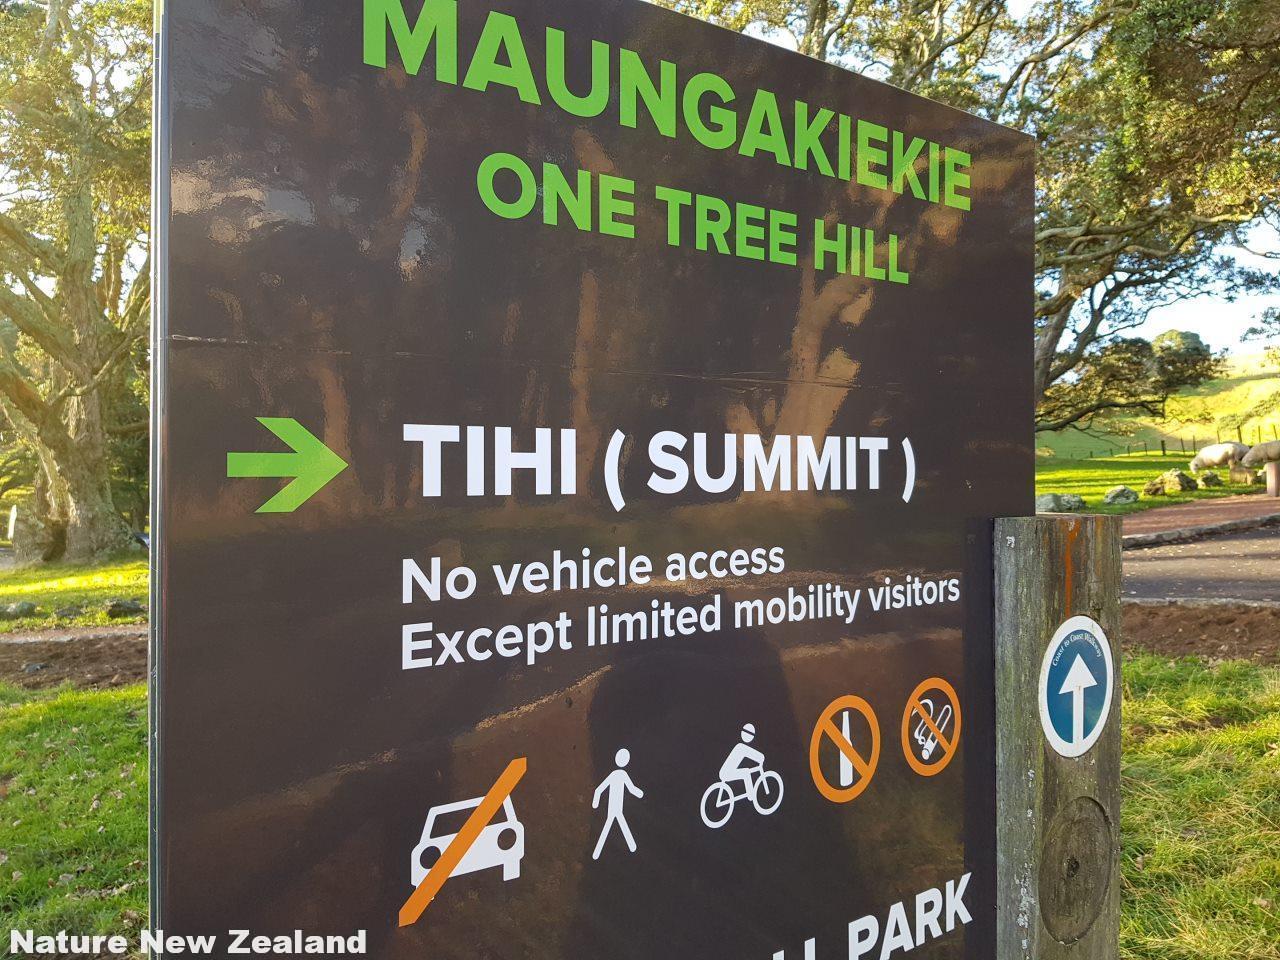 one tree hillへの頂上への車の乗り入れ禁止を示す看板。筆者撮影2018年5月